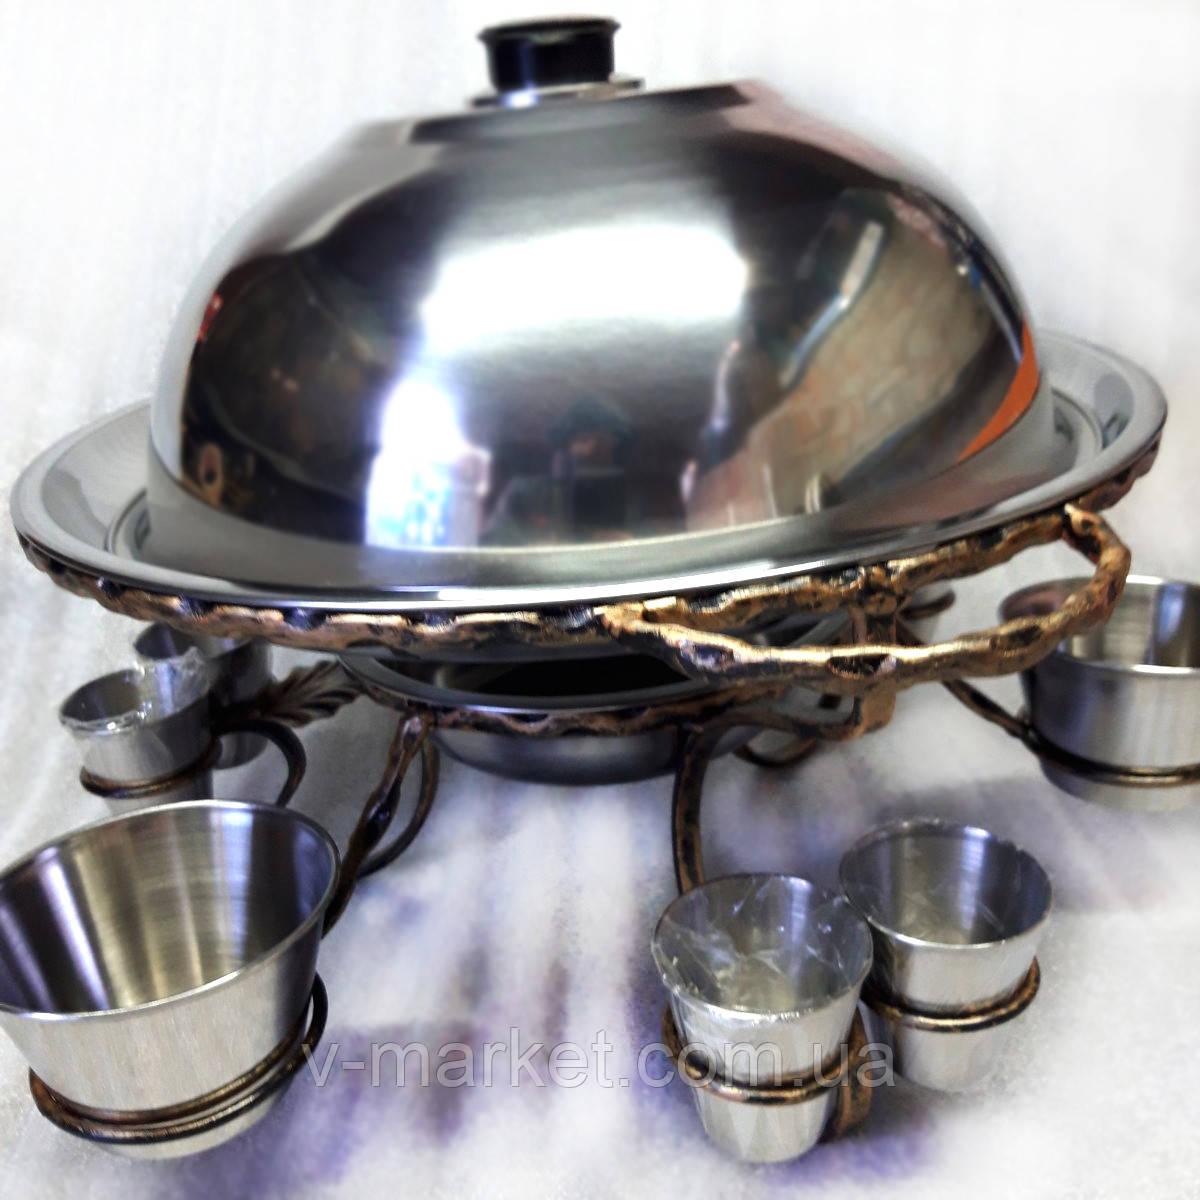 Подставка Садж (360мм) кованный металл с соусницами и рюмками для подачи и подогрева мяса (шашлыка)